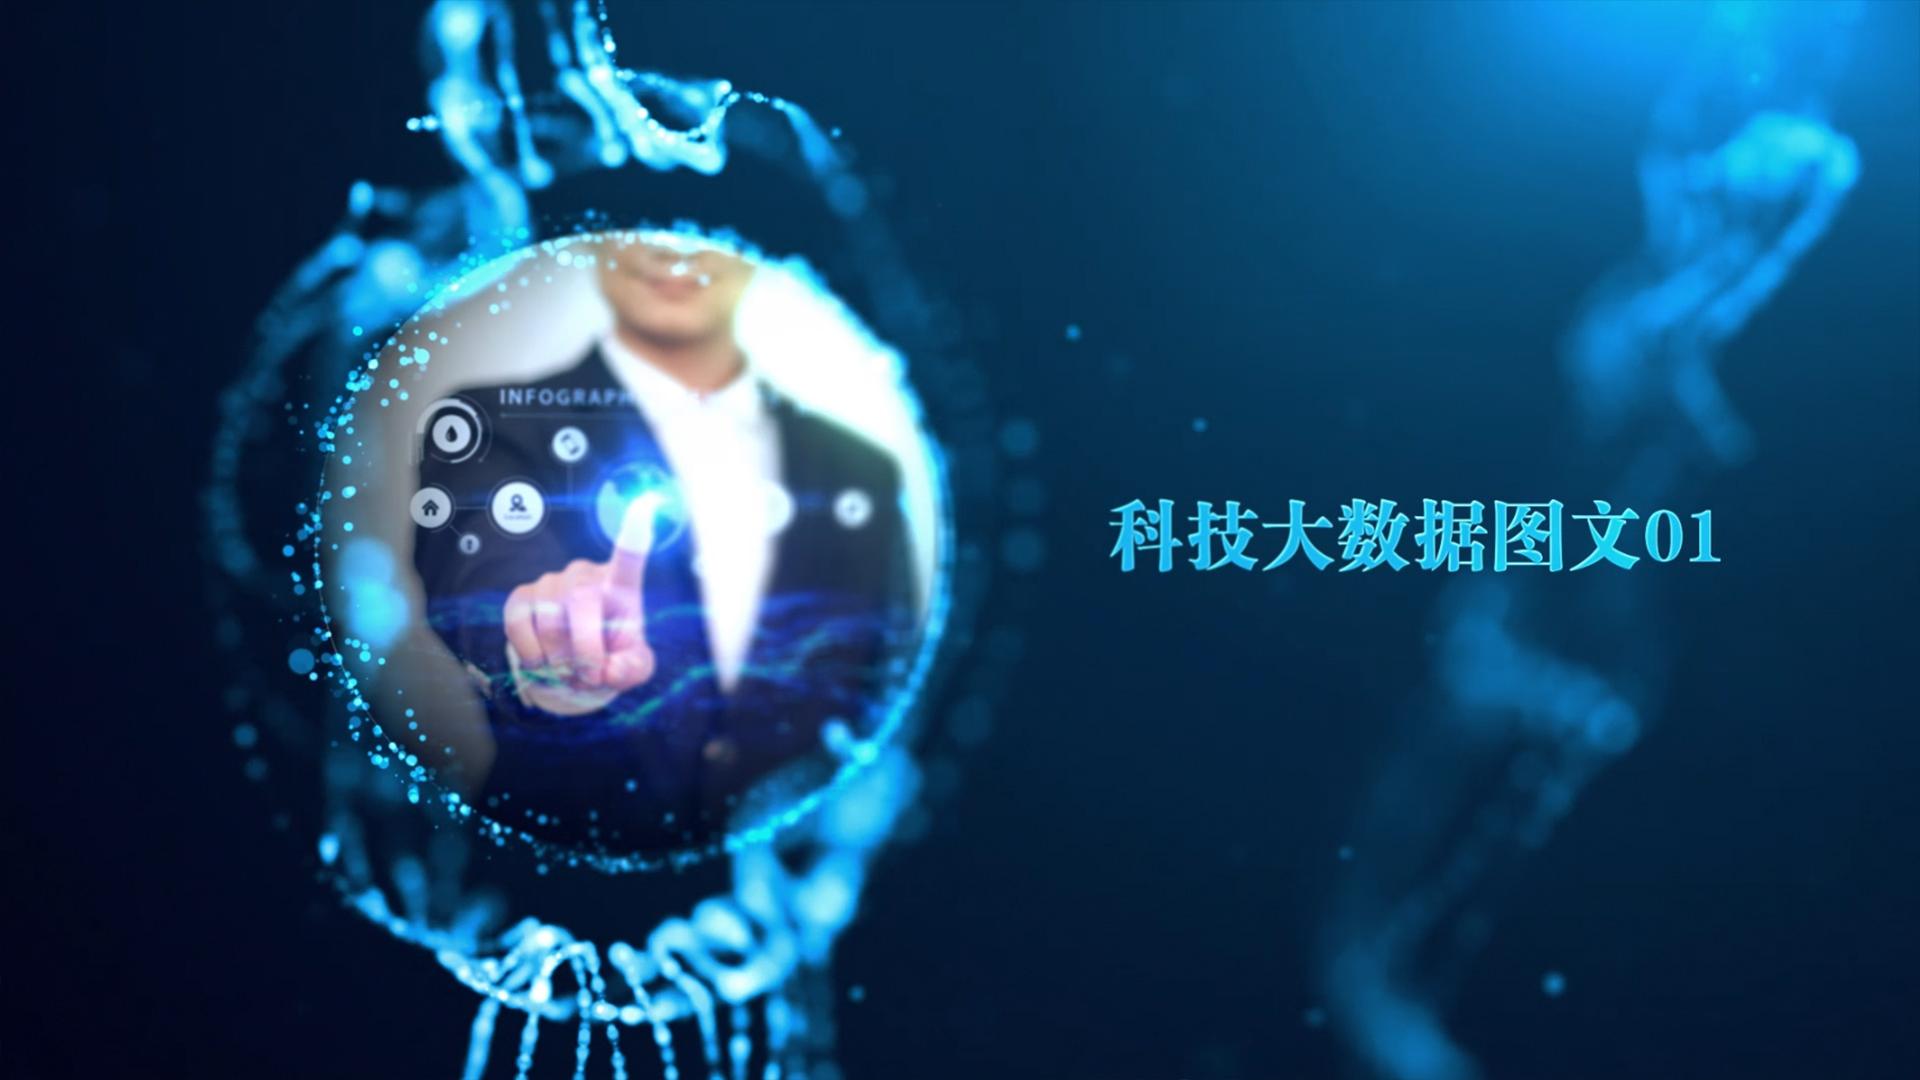 蓝色科技粒子图文展示AE模板